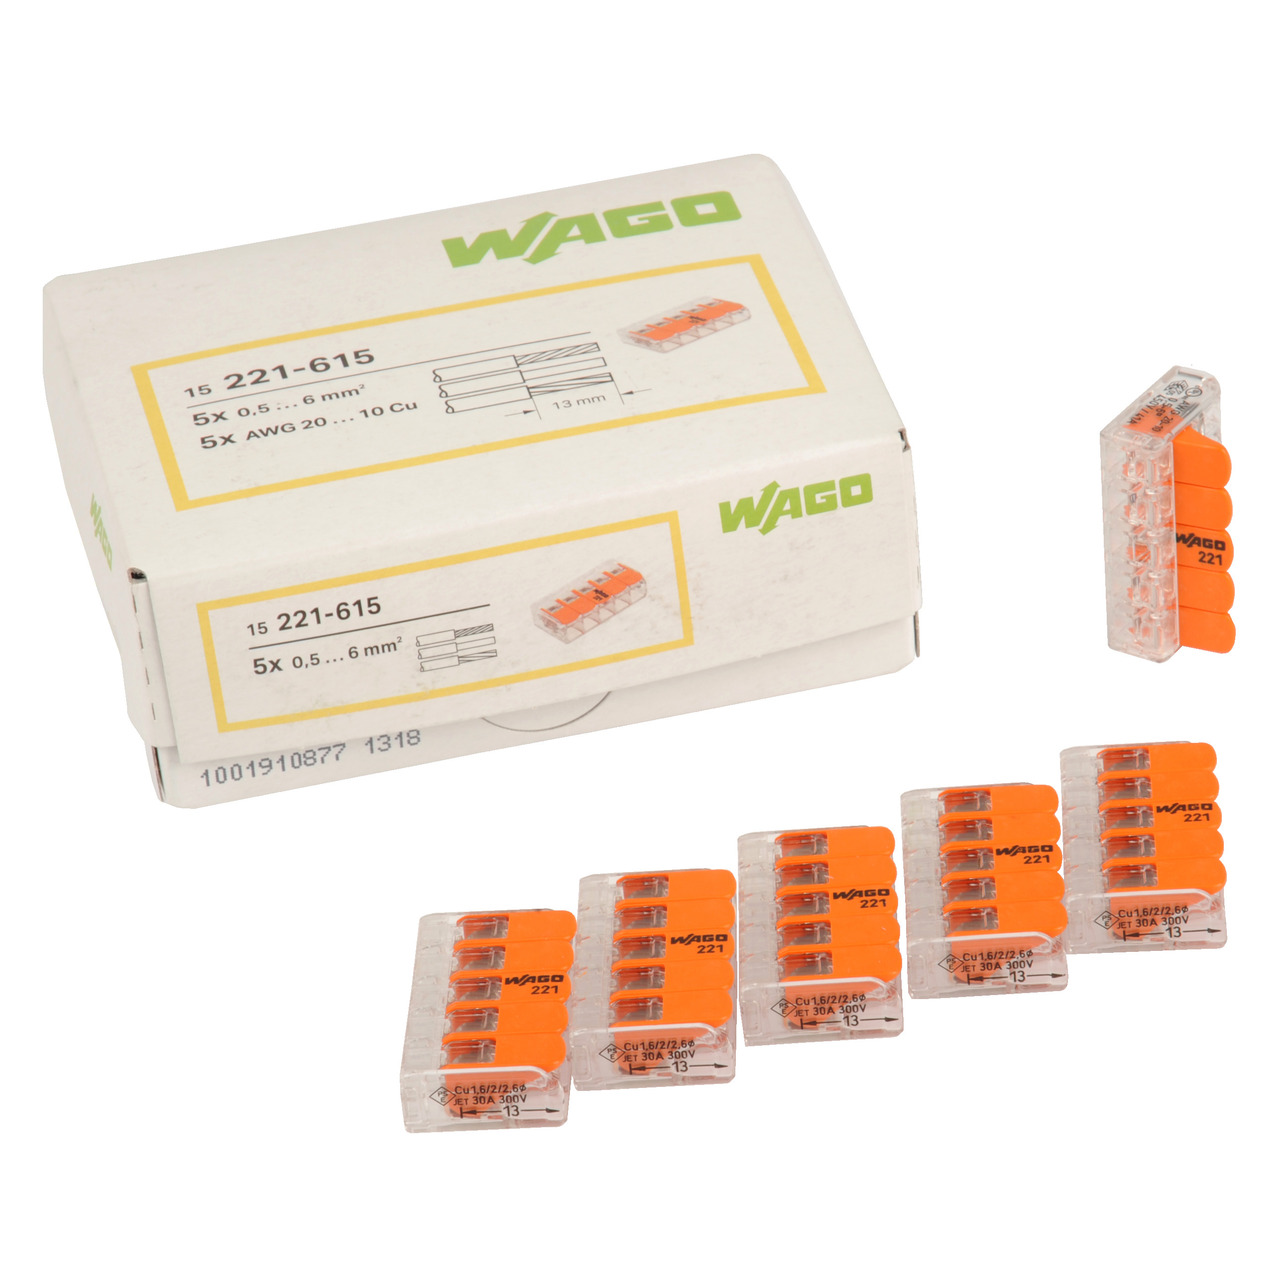 Wago Wagoklemme 221-615- 5-Leiter-Klemme- Nennquerschnitt 6mm- 15er Pack